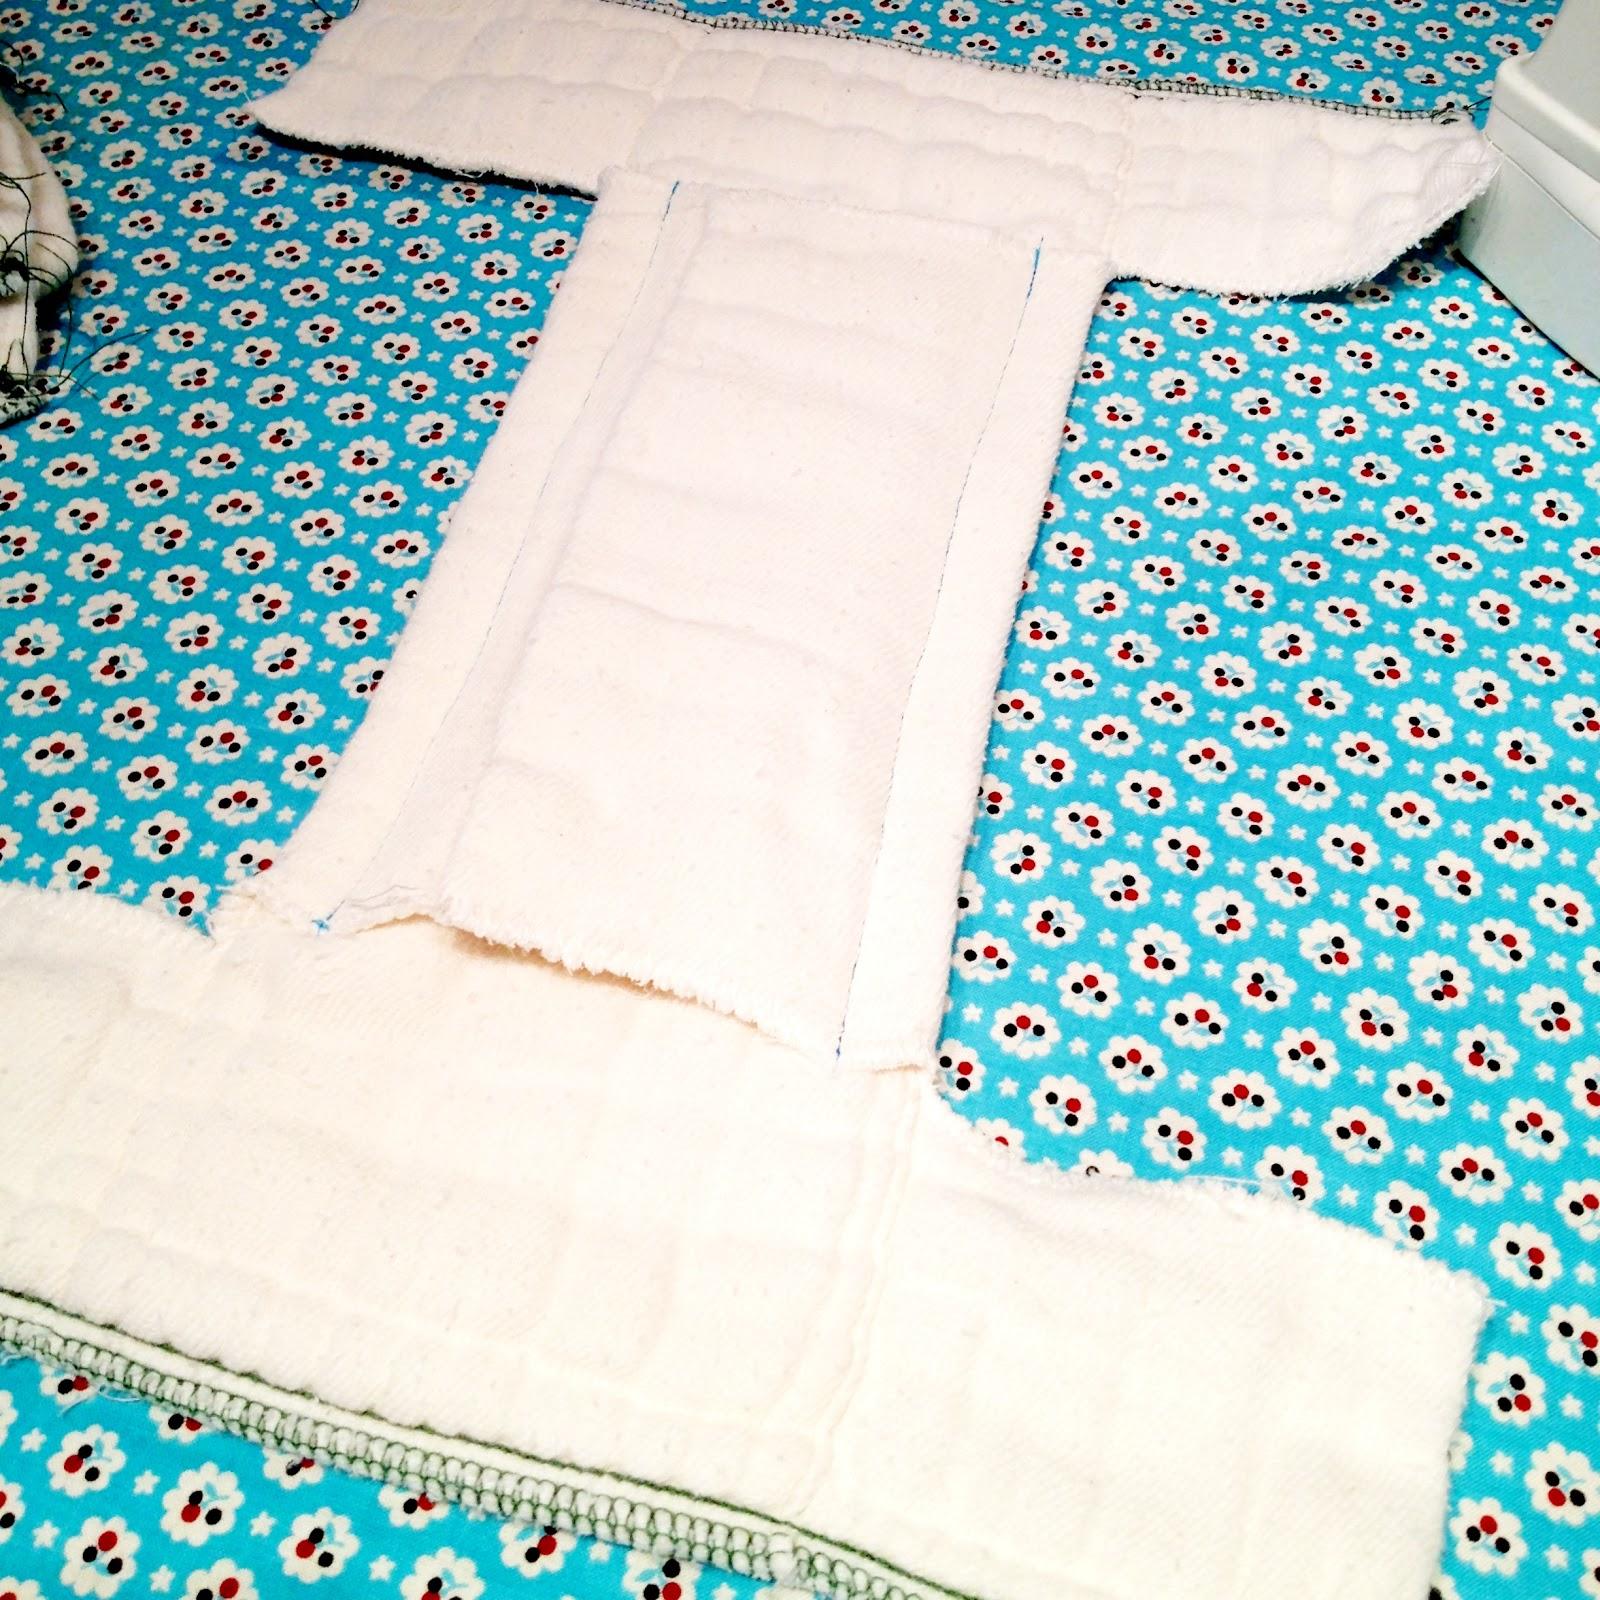 Как сшить подгузники из марли для новорожденных своими руками? 10